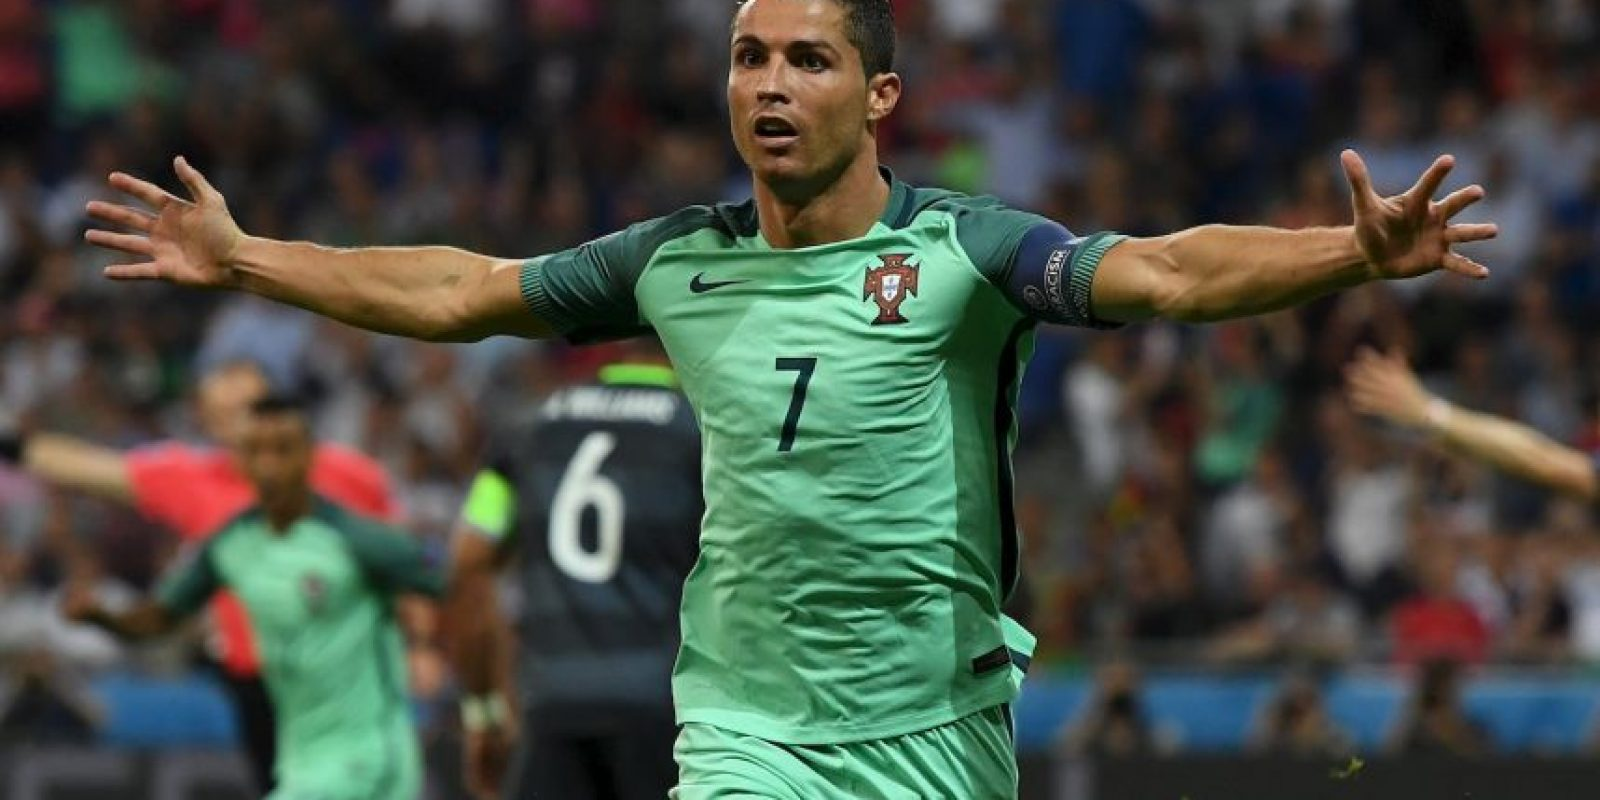 Cristiano Ronaldo quiere liderar el primer título de Portugal Foto:Getty Images